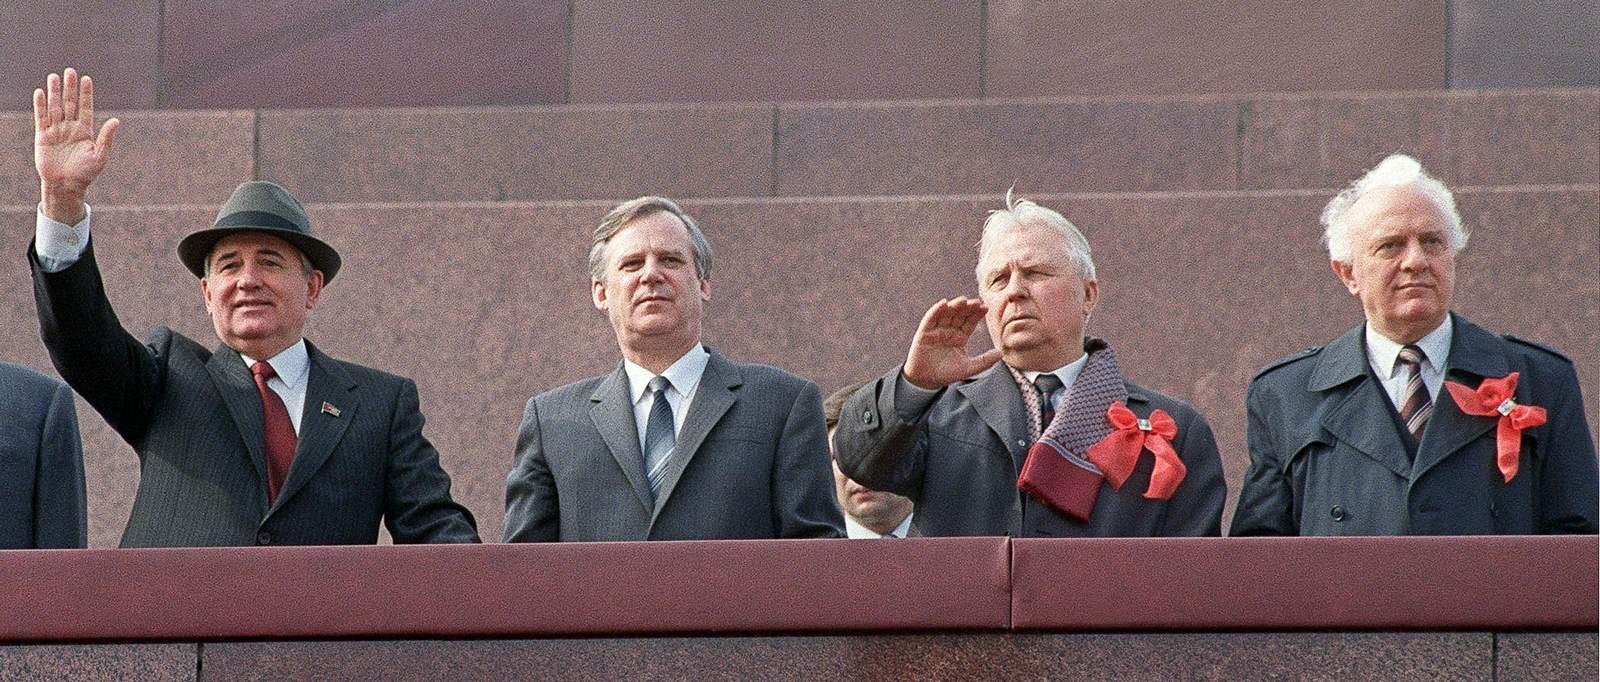 «Наряду с продажностью Шеварднадзе (на фото — справа) была причина личного порядка. Он хотел быть первым, быть царьком»